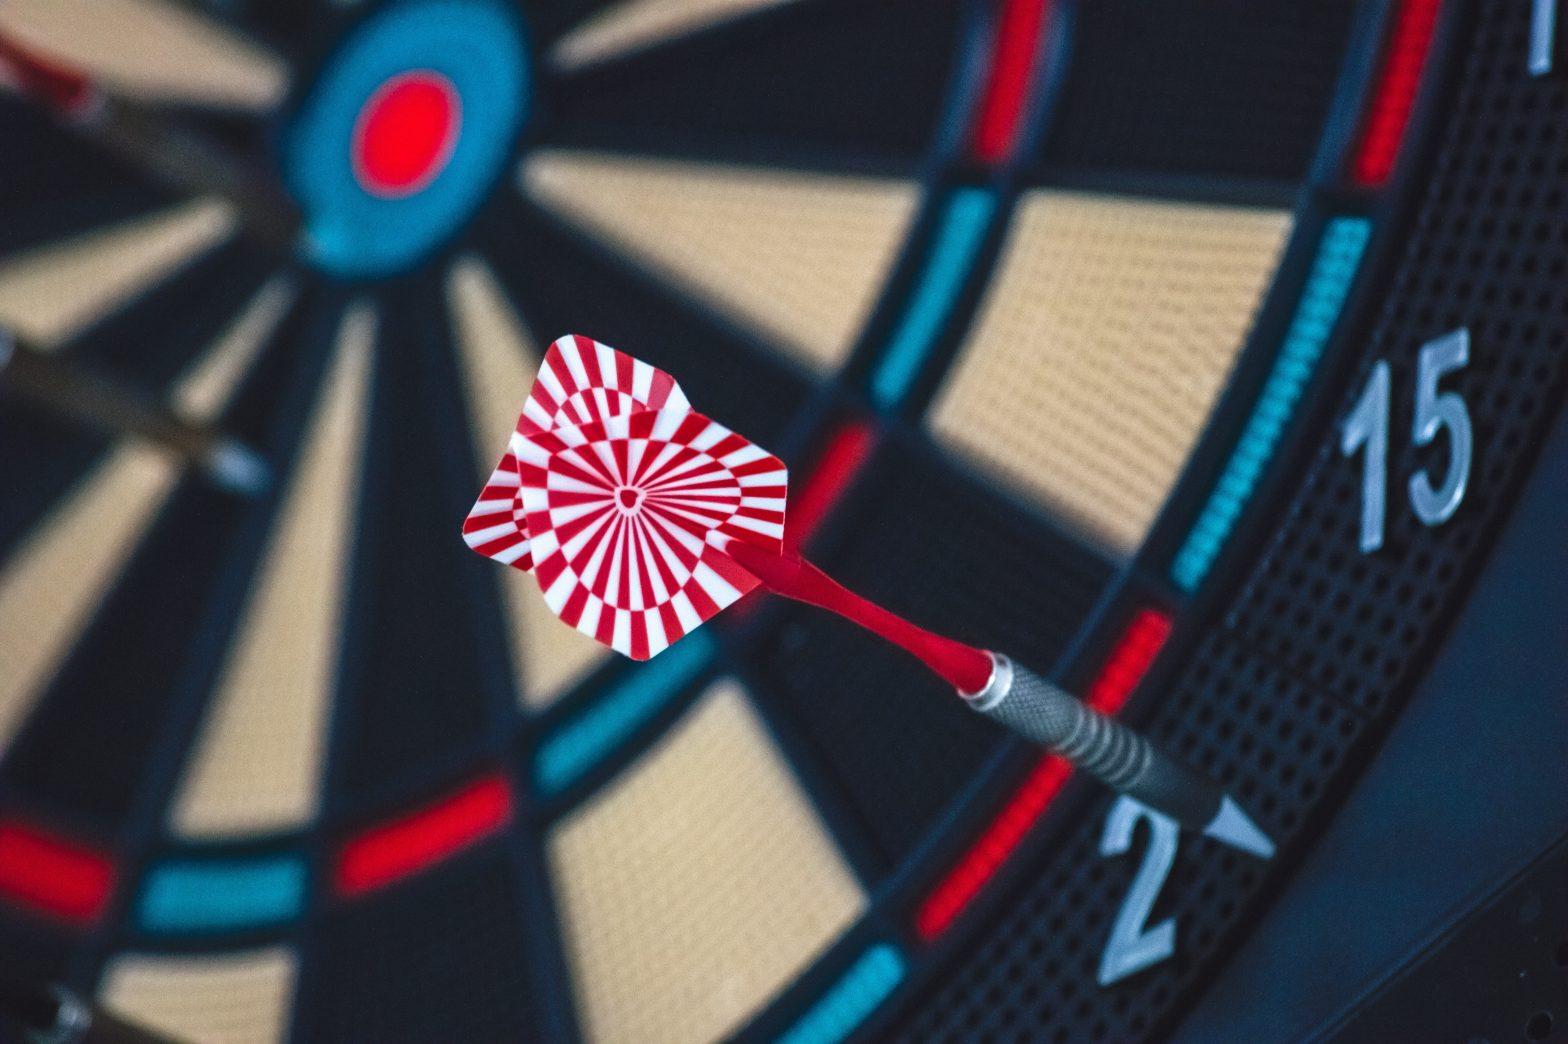 Aparece una diana con un dardo. Simboliza como alcanzar tus objetivos profesionales.